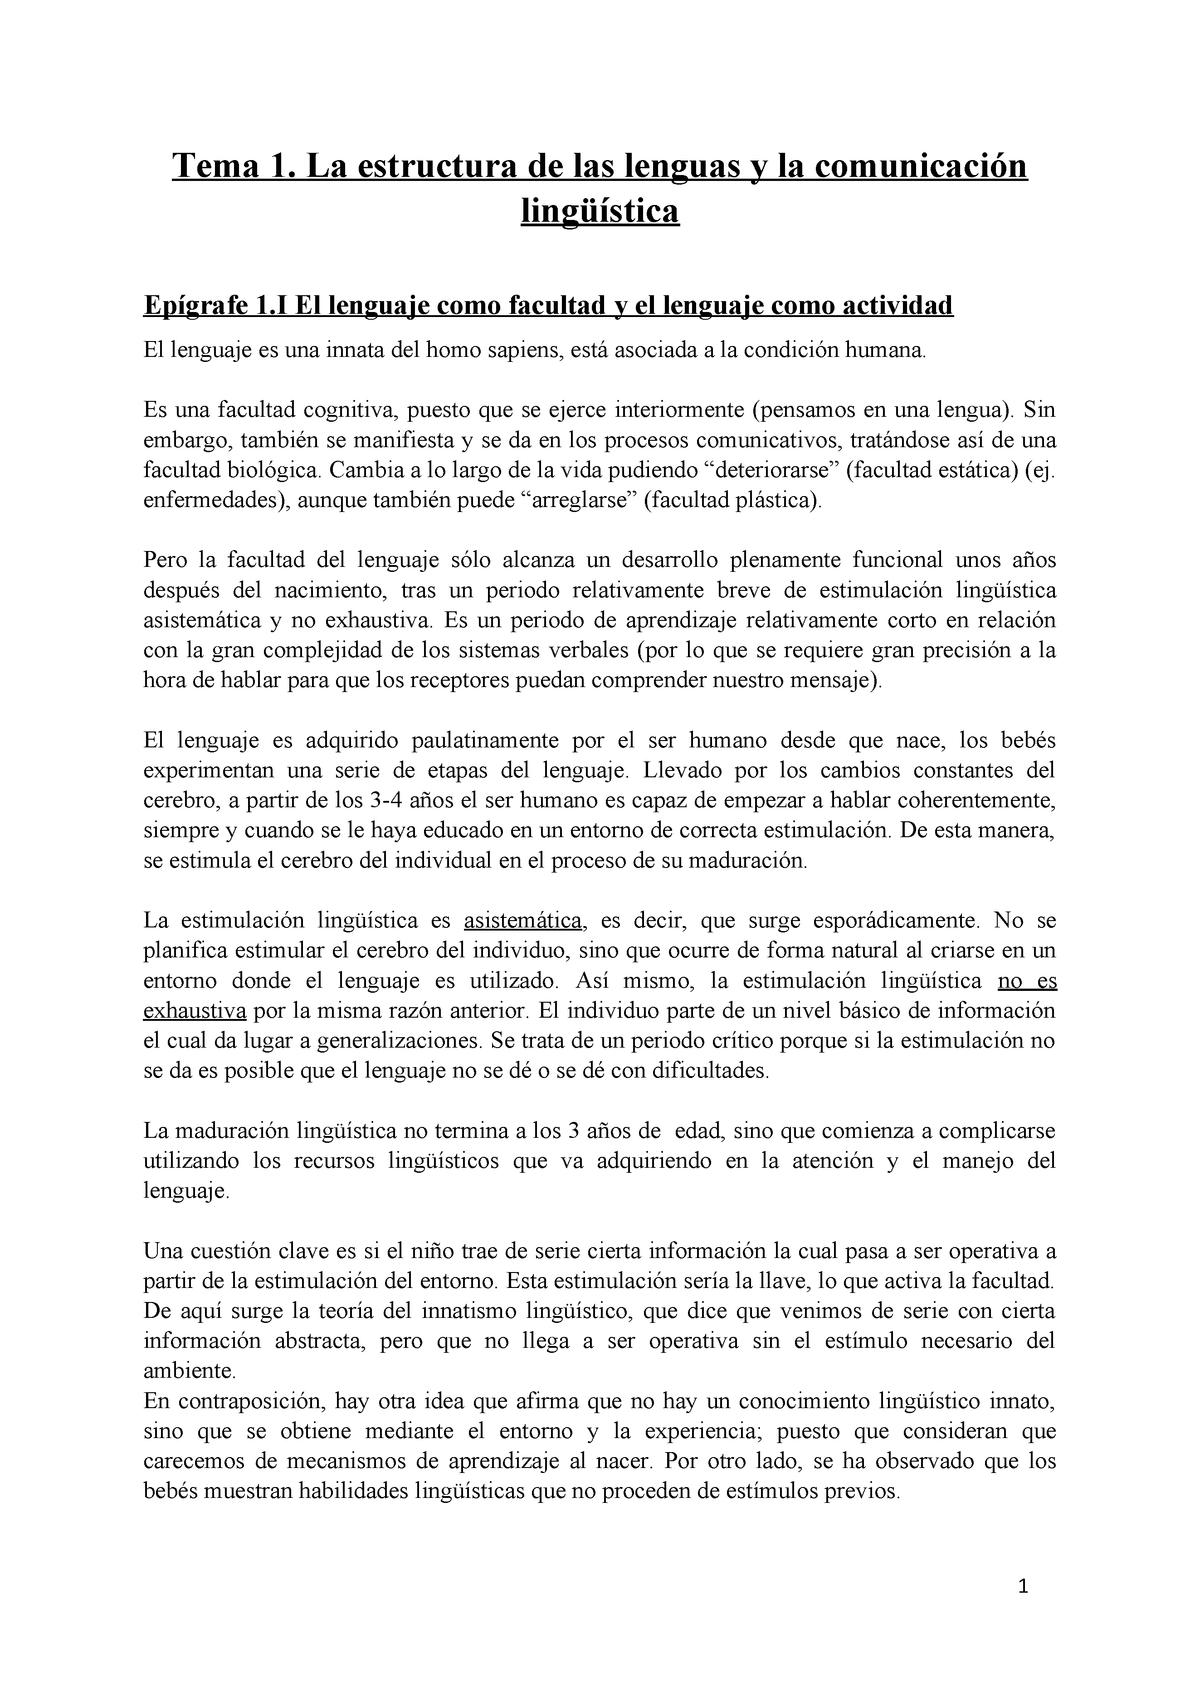 Tema 1 La Estructura De Las Lenguas Y La Comunicación